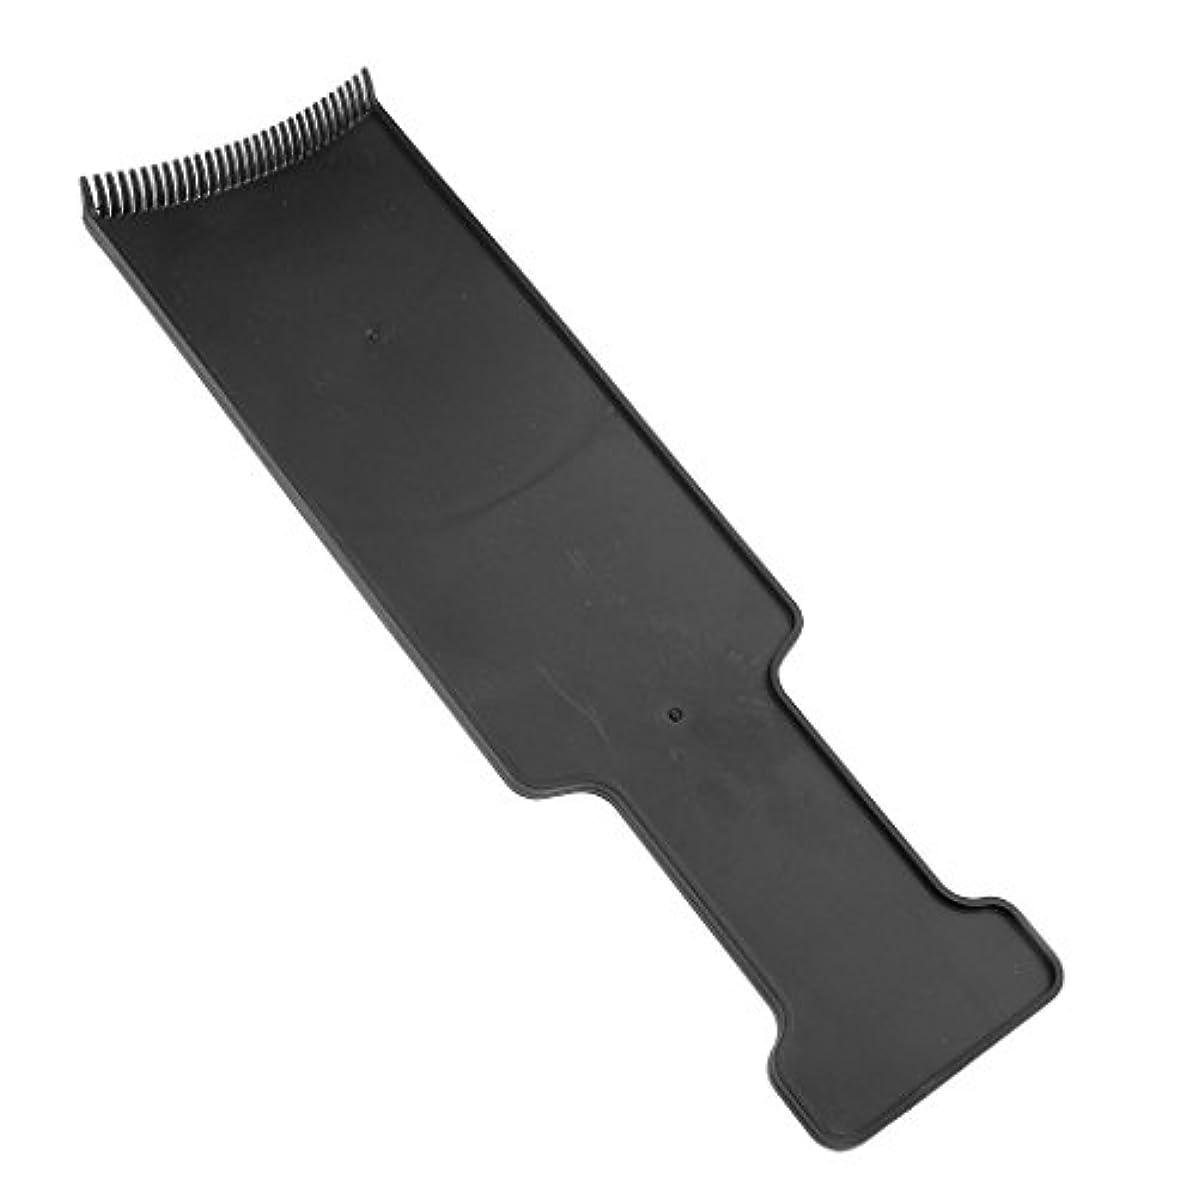 余分な社交的Baosity サロン ヘアカラー ボード ヘア 染色 ツール ブラック 全4サイズ - M